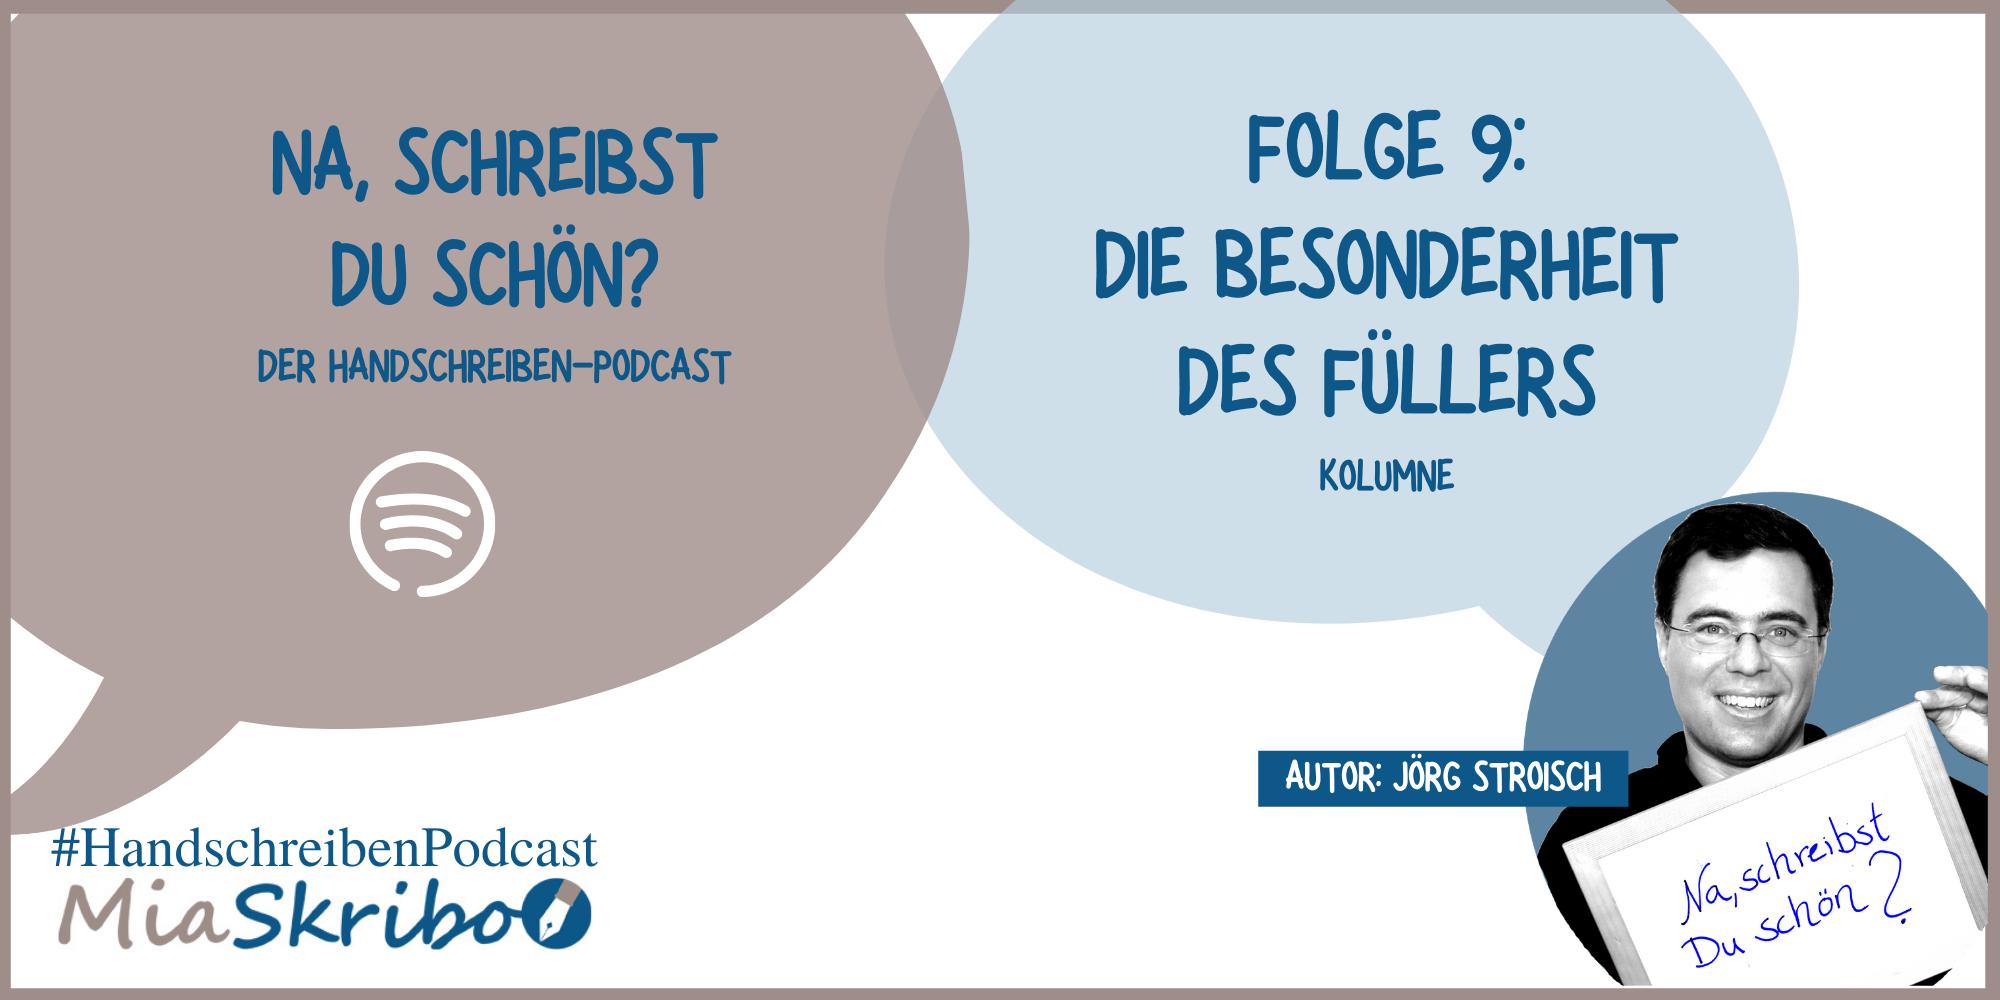 """Die neue Episode des Podcasts """"Na, schreibst Du schön?"""" handelt von der Besonderheit des Füllers."""